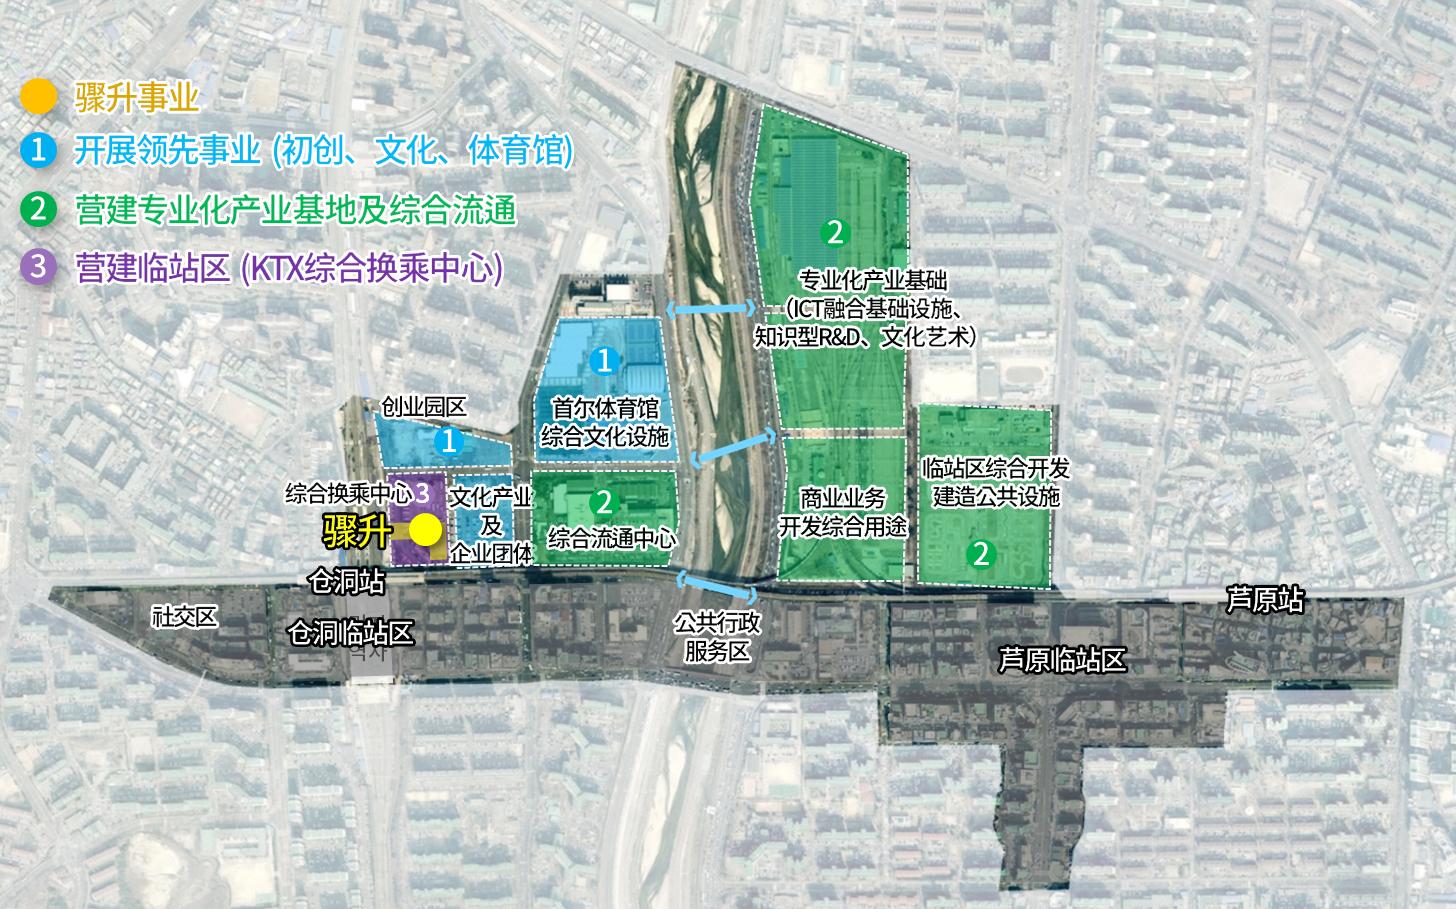 仓洞、上溪新经济中心营建事业